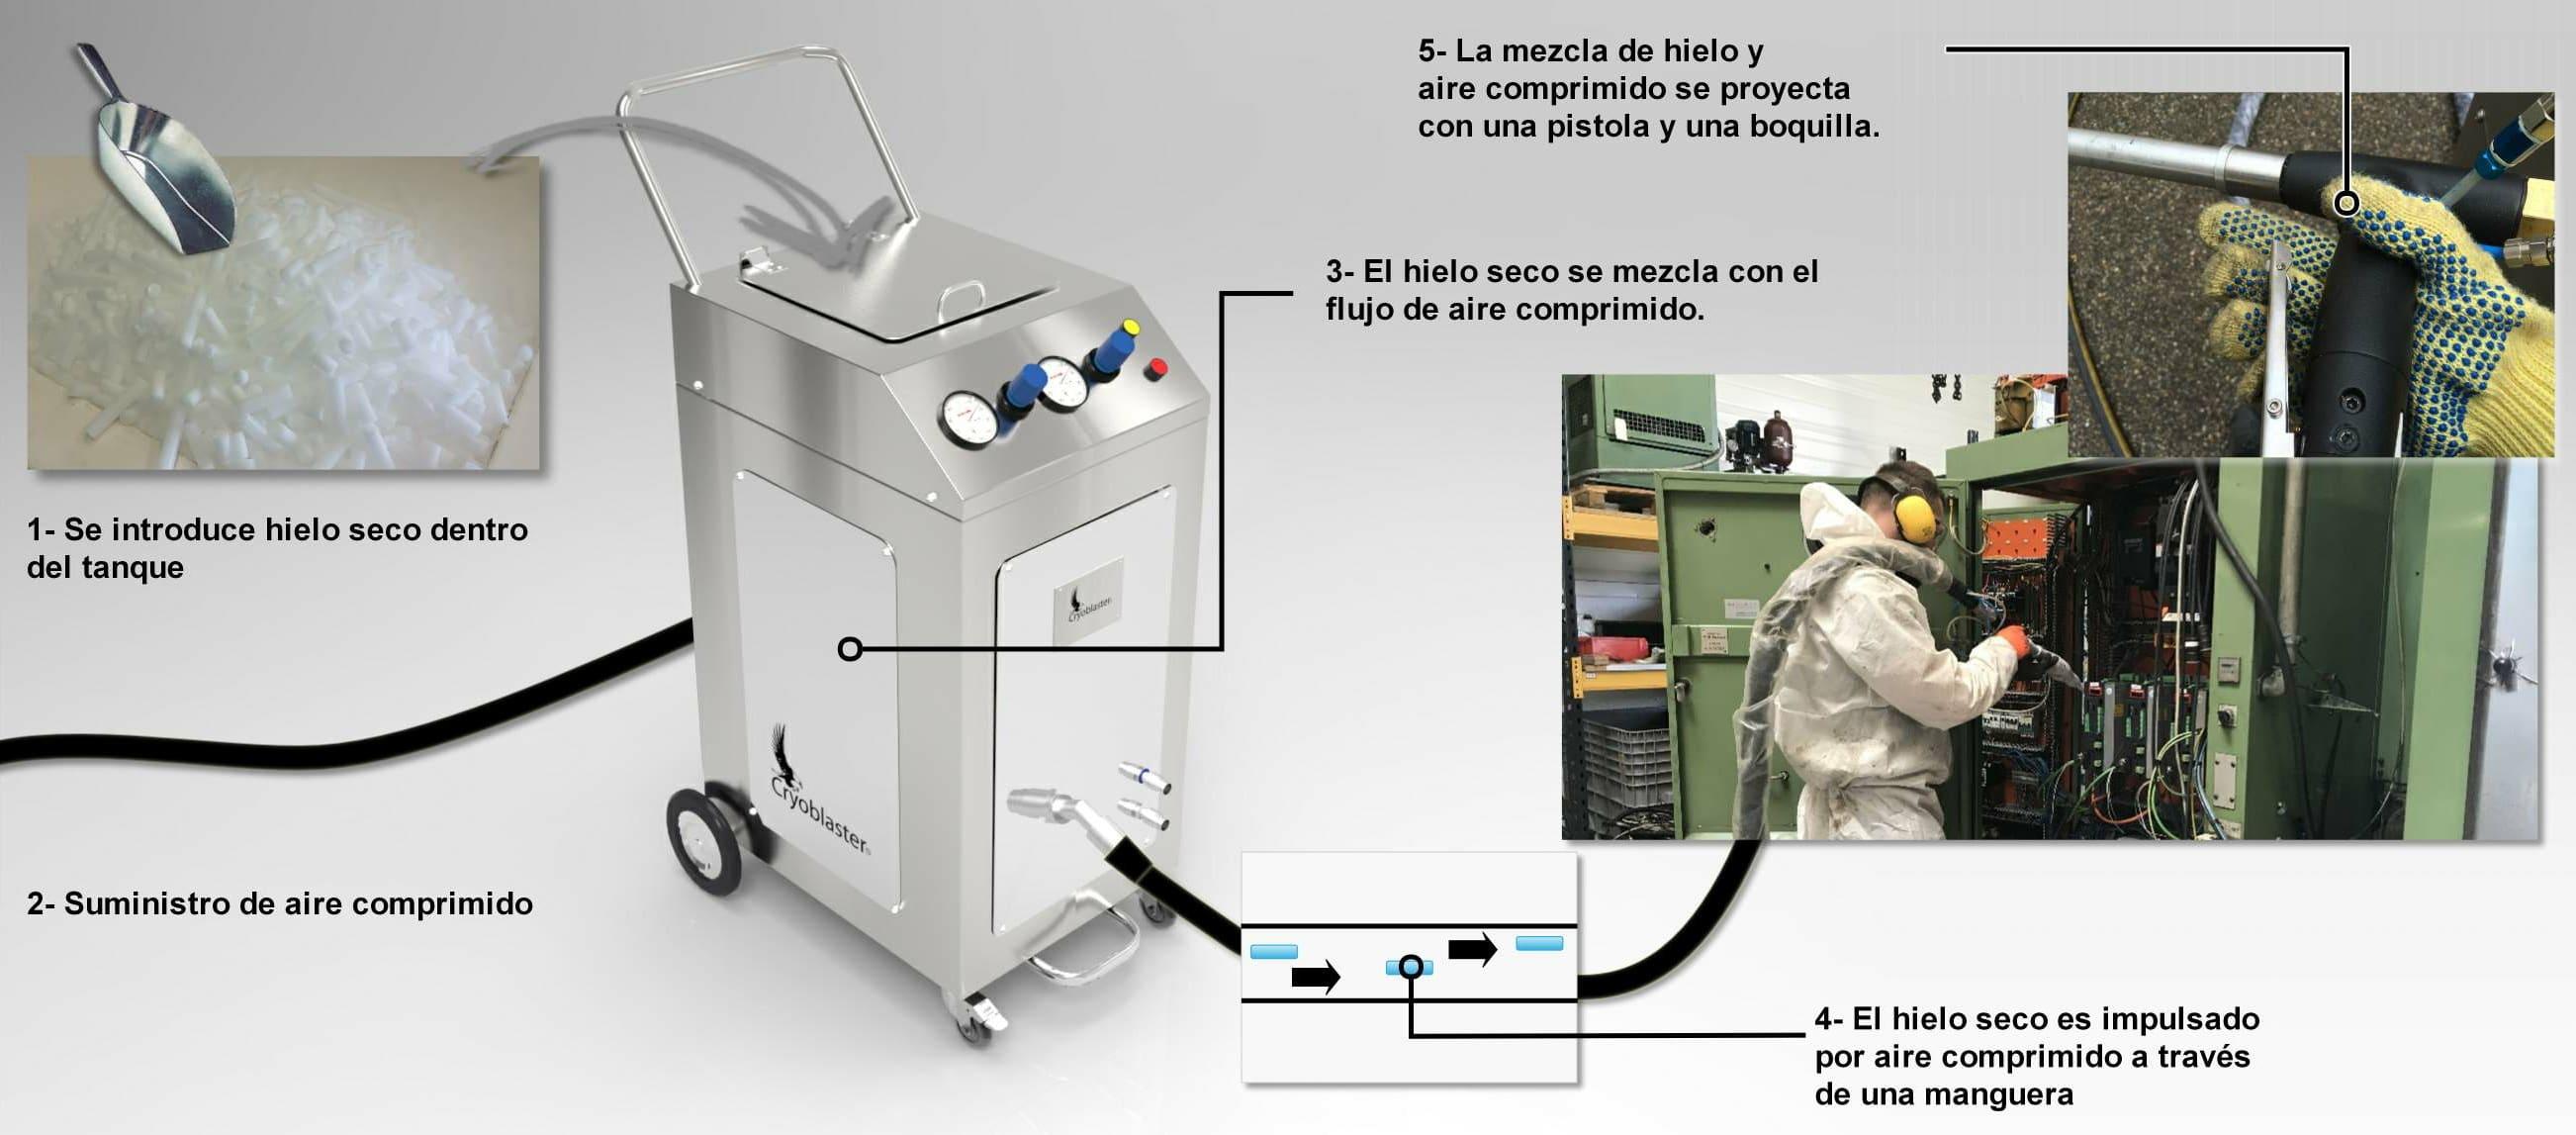 ¿Cómo funciona la limpieza criogénica? Ilustración